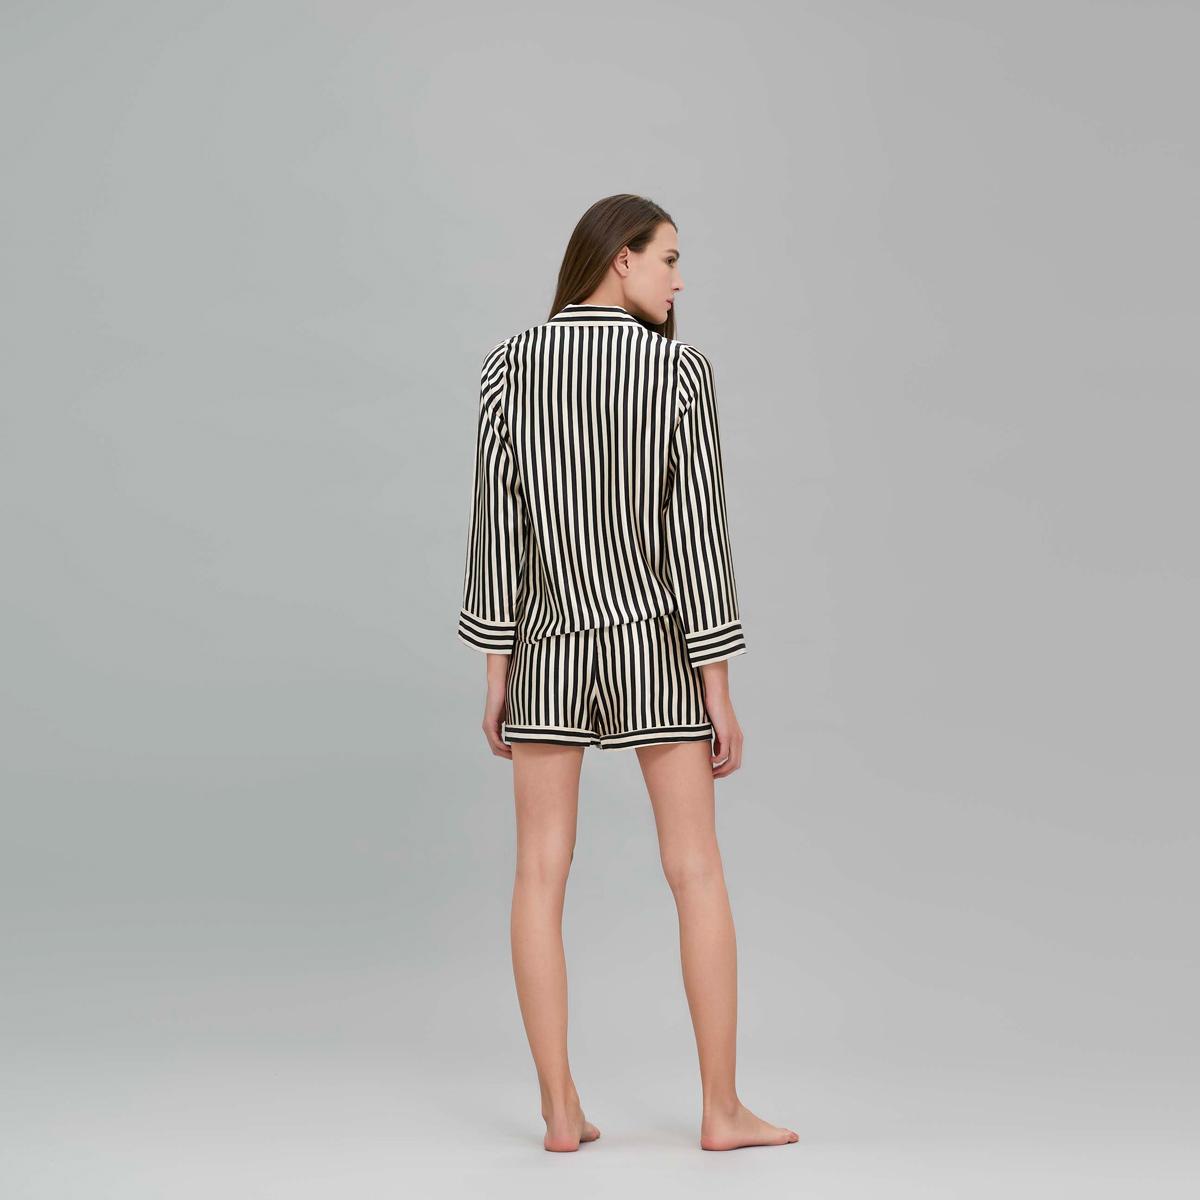 Stripe睡衣套装